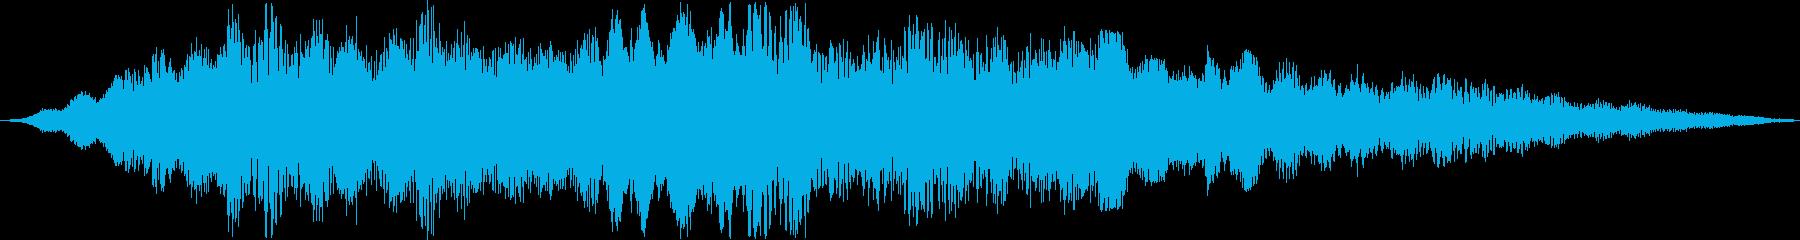 ワープしたときのジングルの再生済みの波形